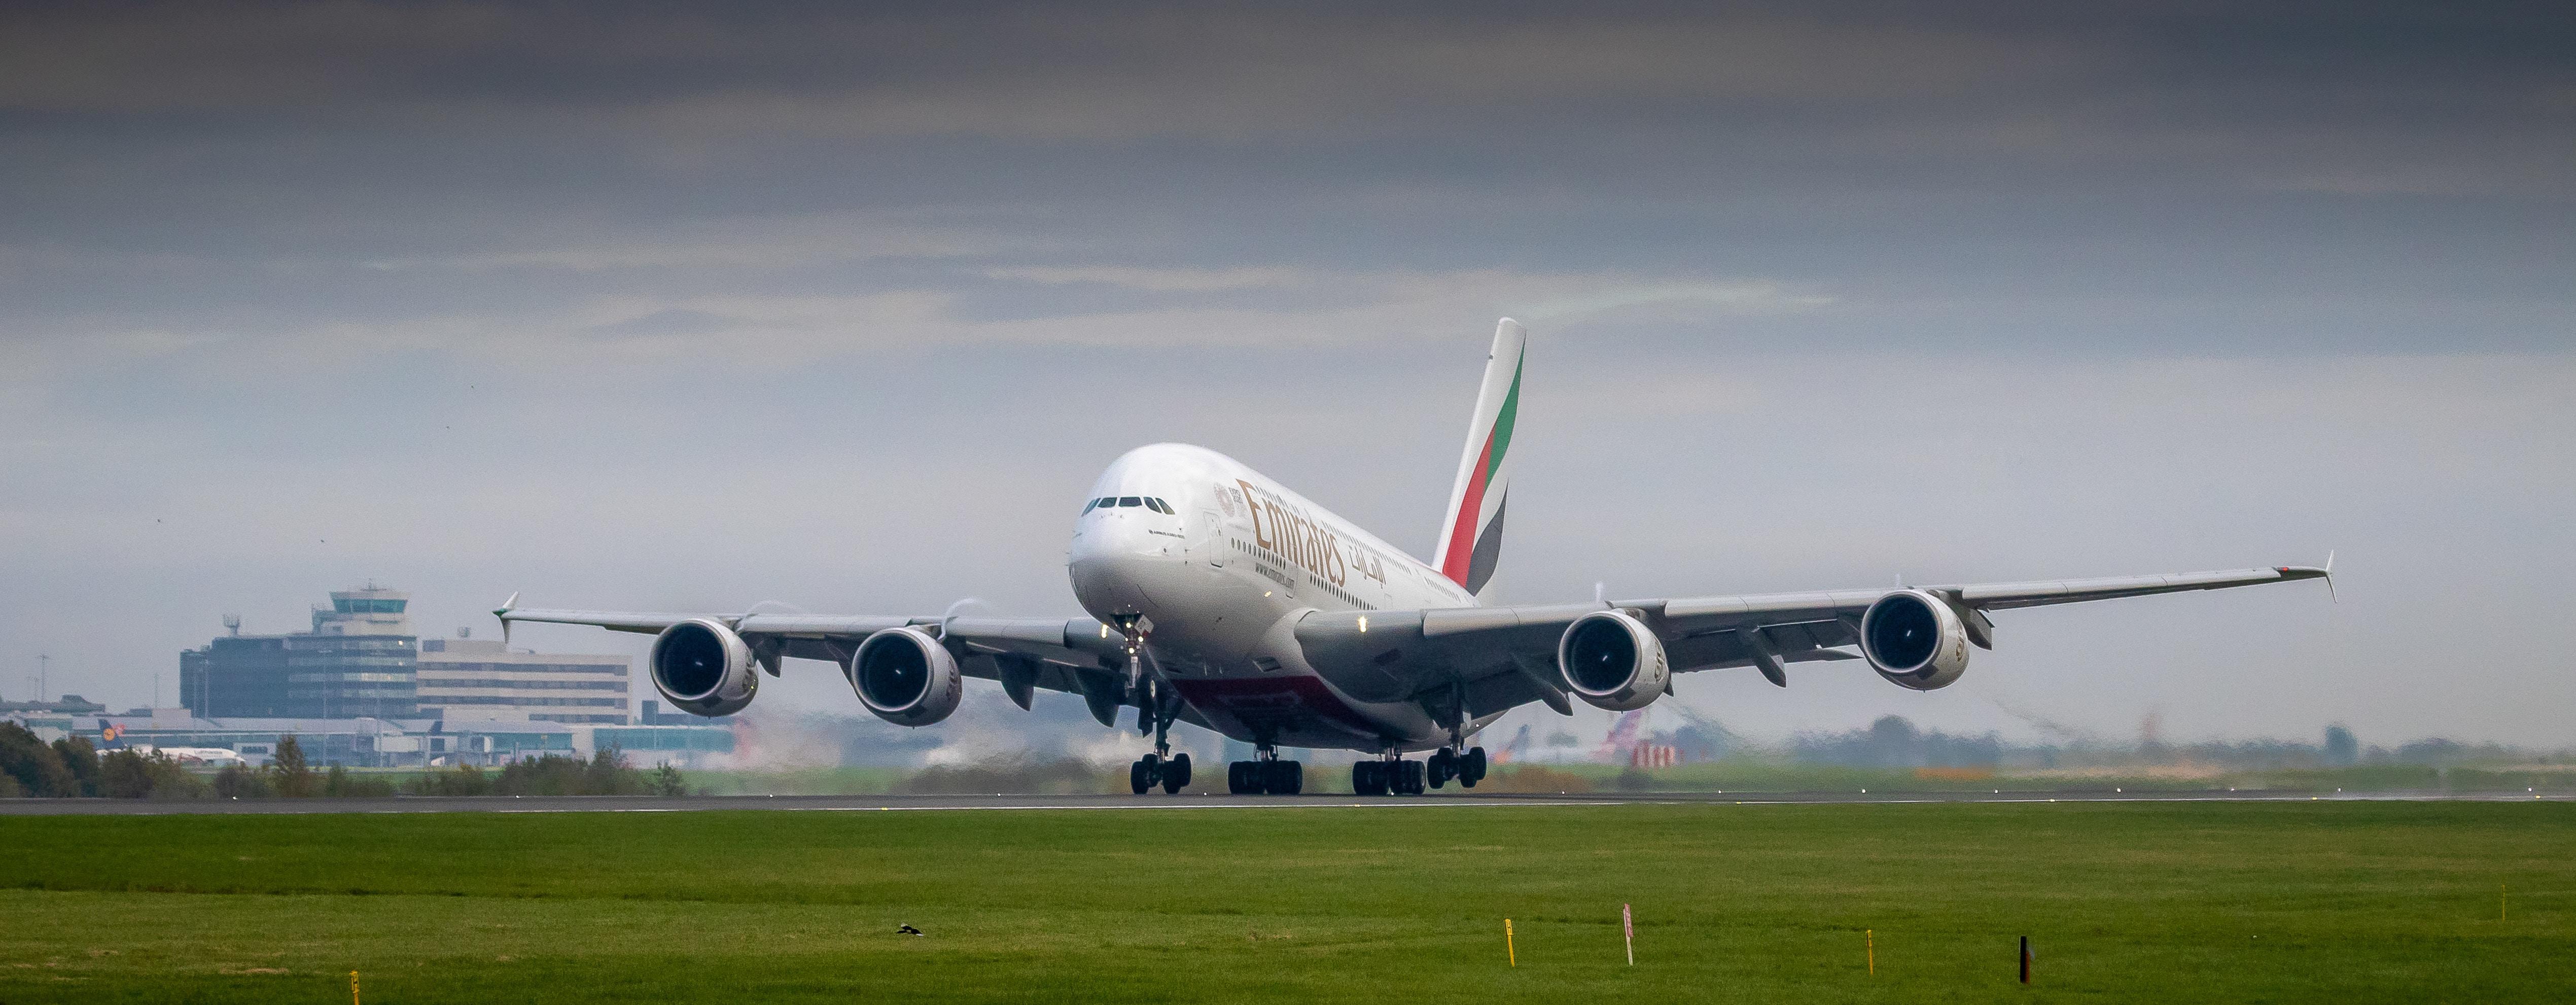 India's Aviation Market